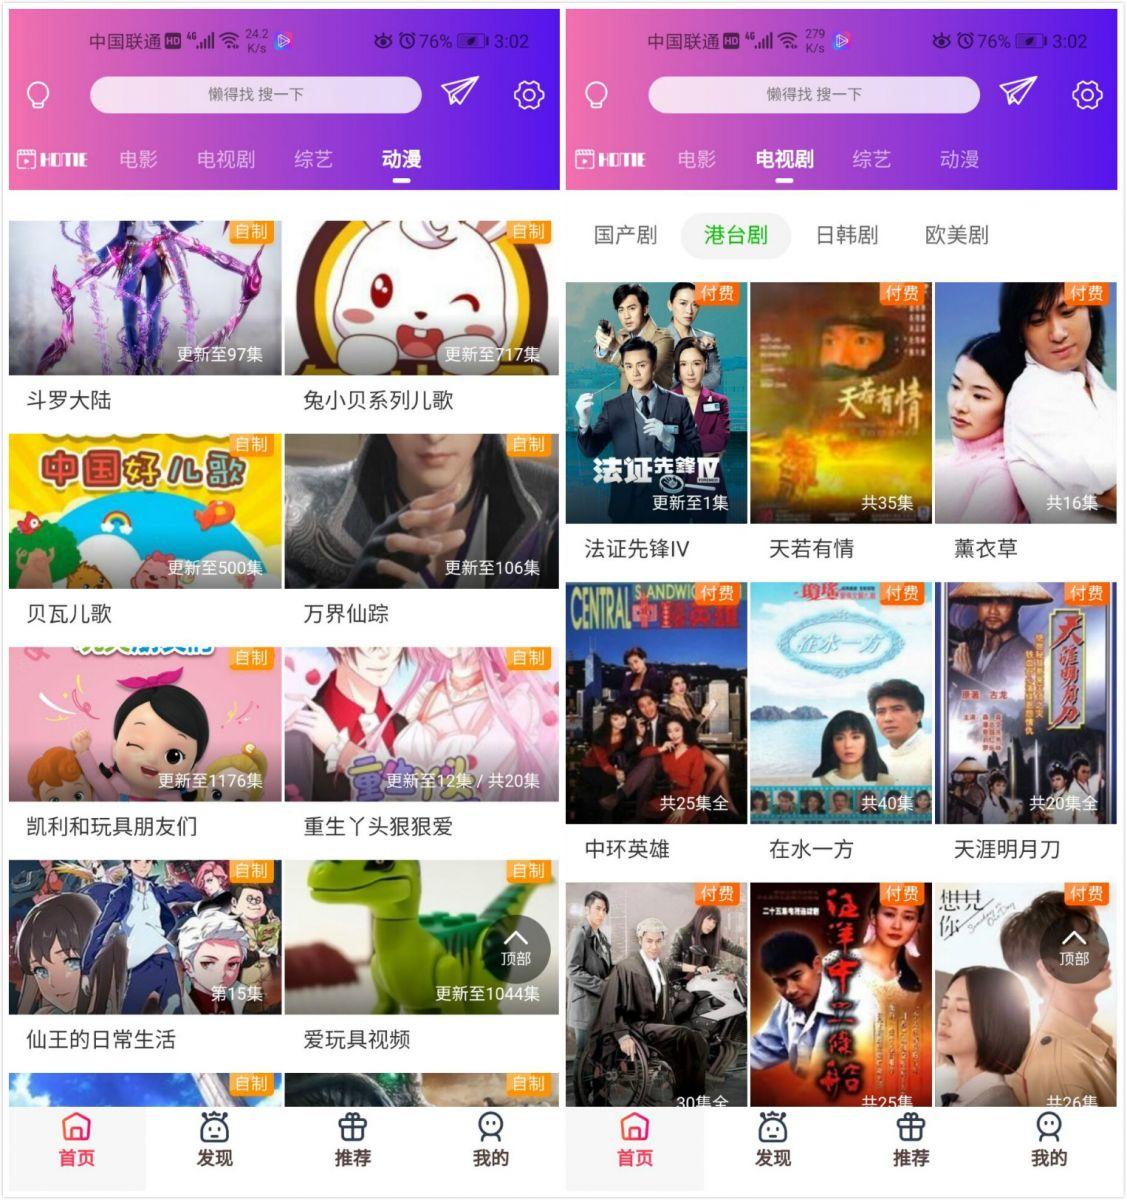 2020新版UI千月无错版畅视影院对接苹果CMS插图